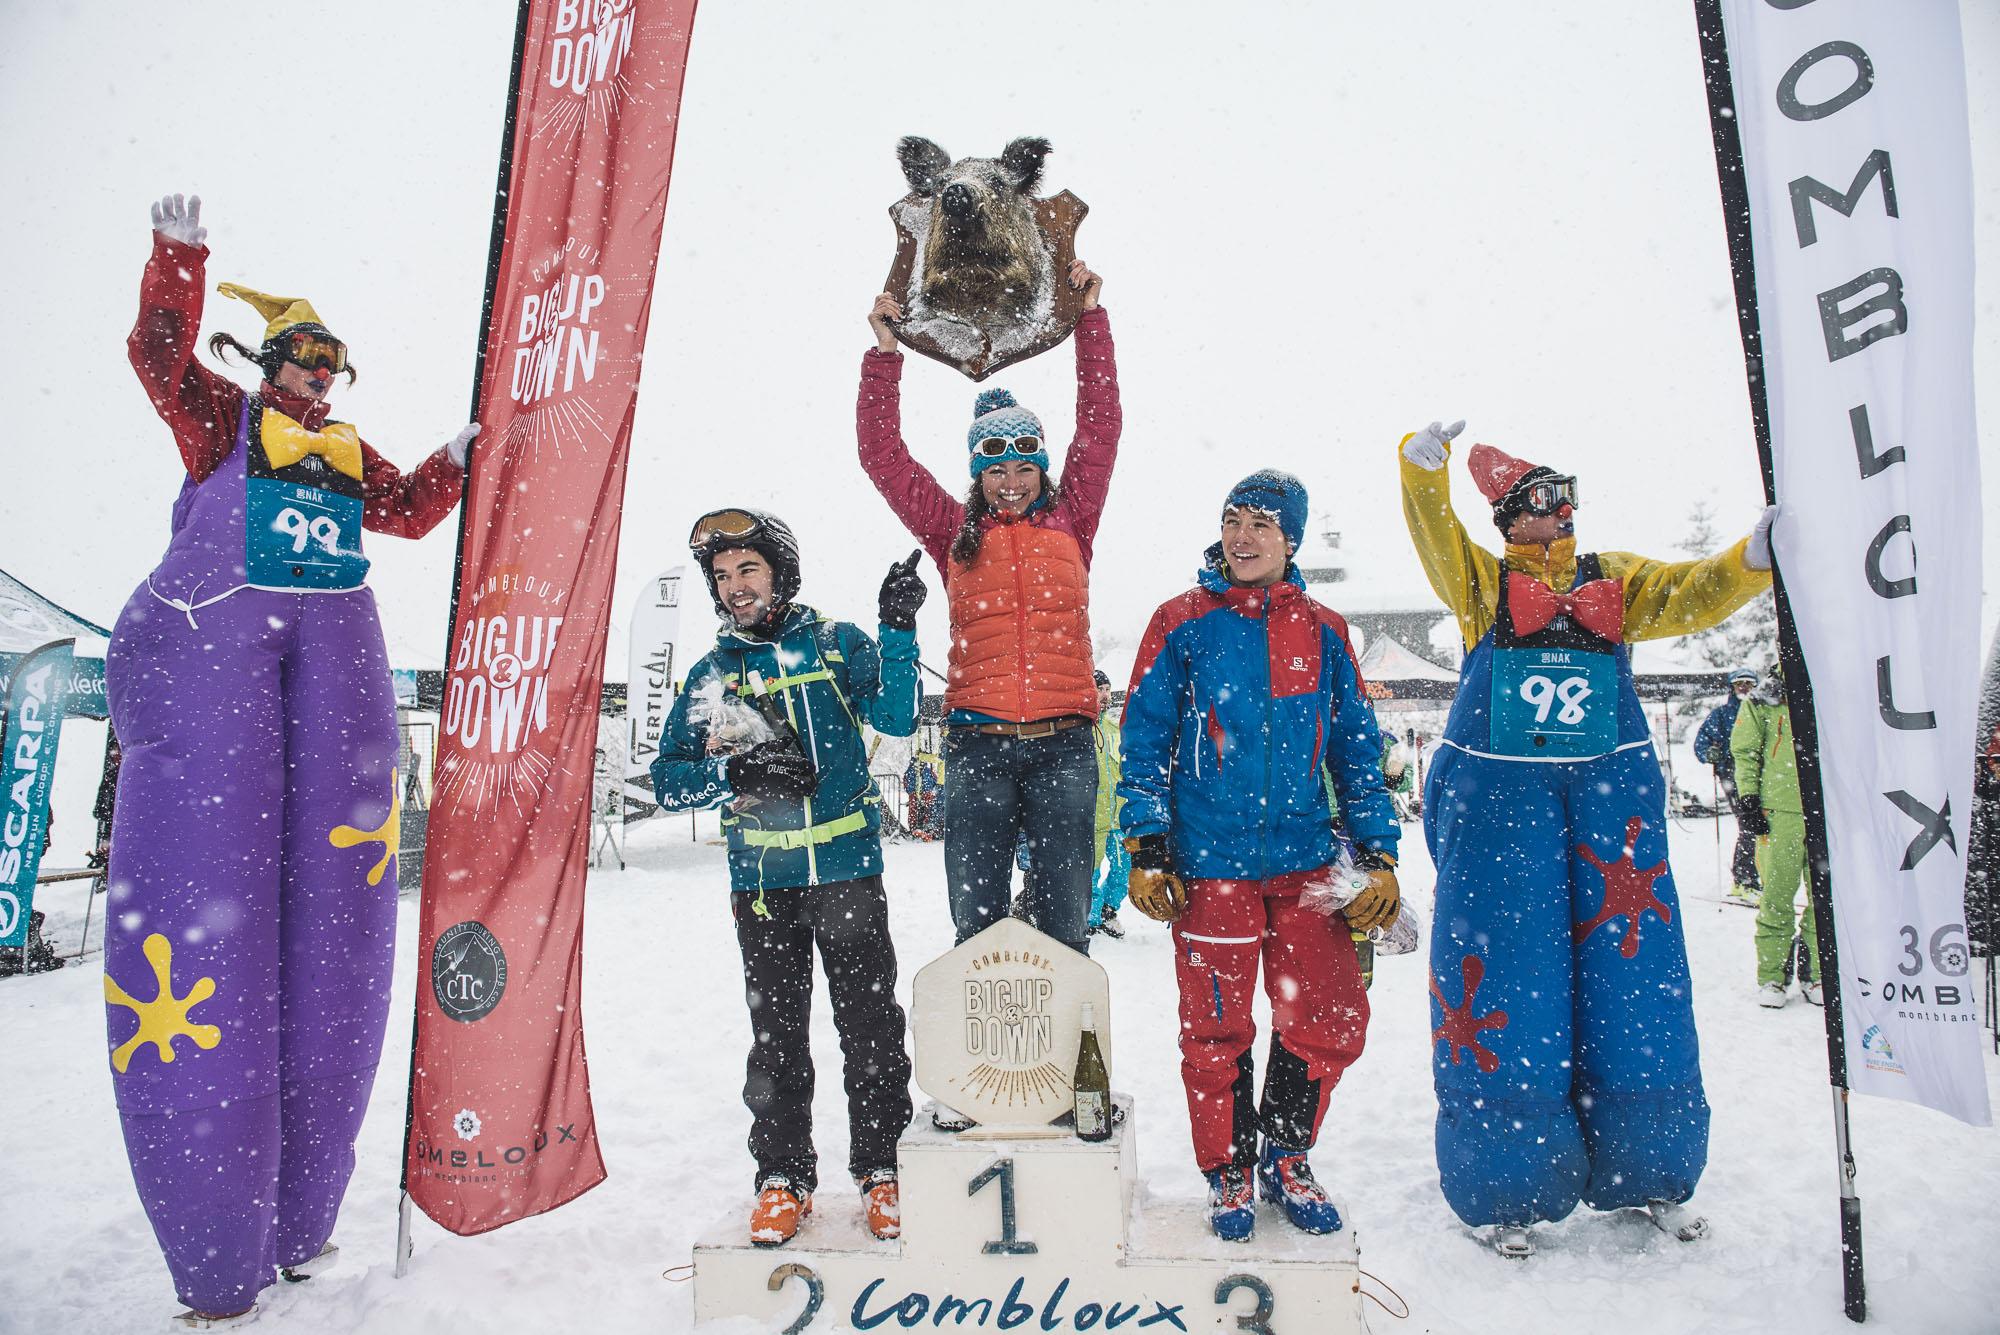 Le podium du premier Big Nak ©Marc Daviet/CTC